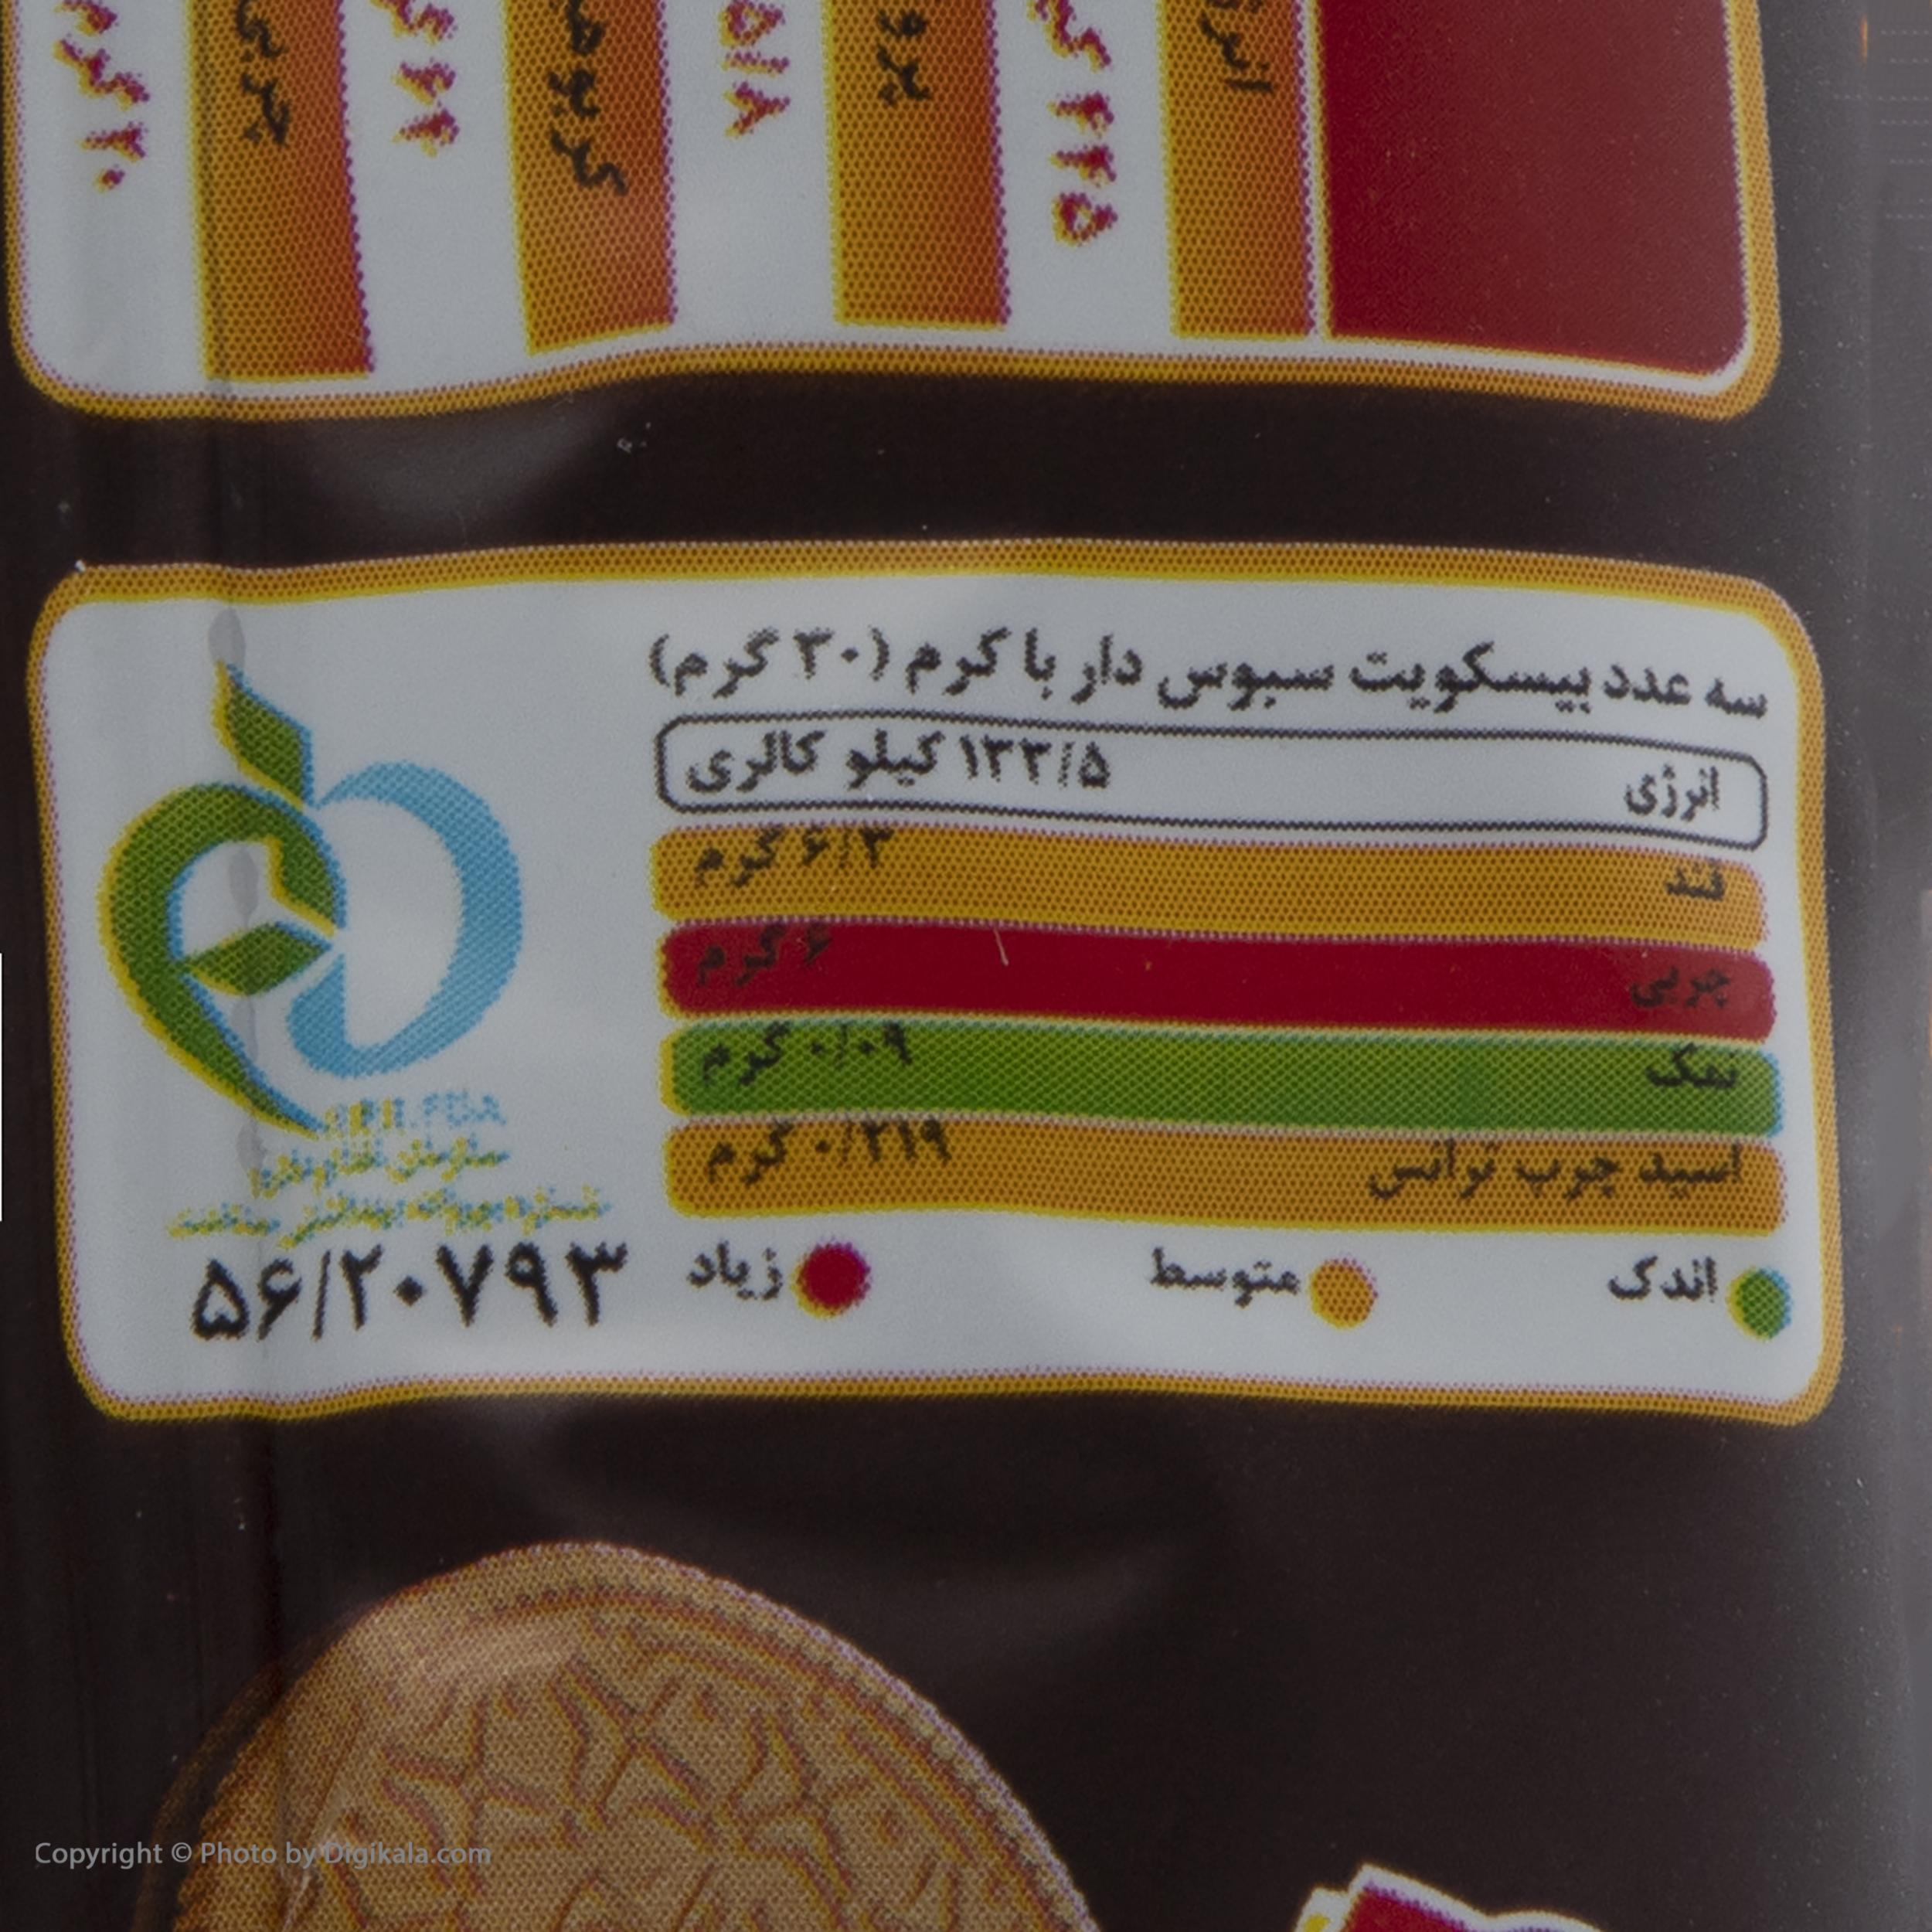 بیسکویت کرمدار دایجستیو کوپا با طعم کاکائو - بسته 24 عددی main 1 6